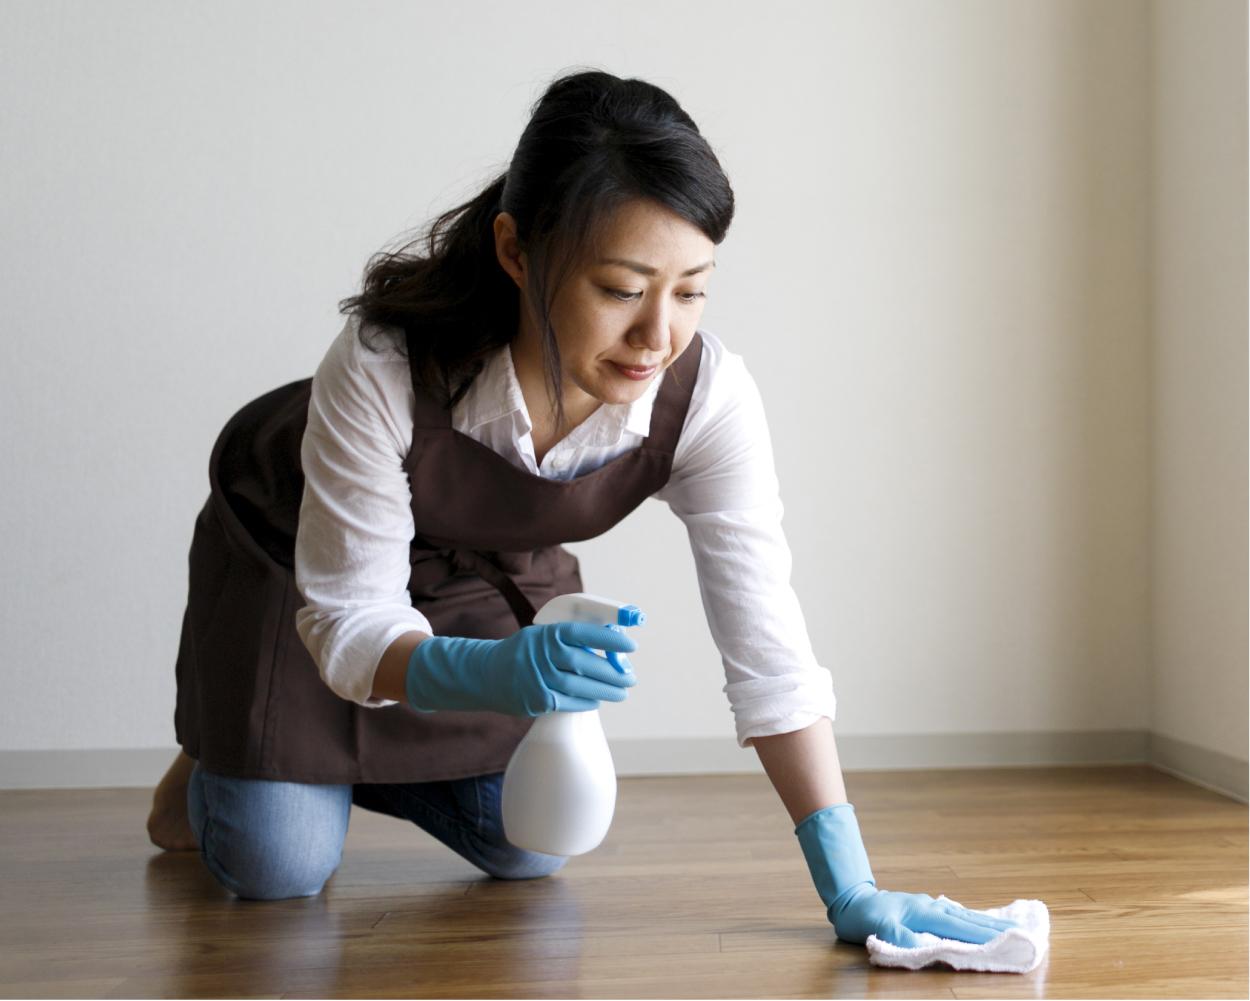 掃除 女性